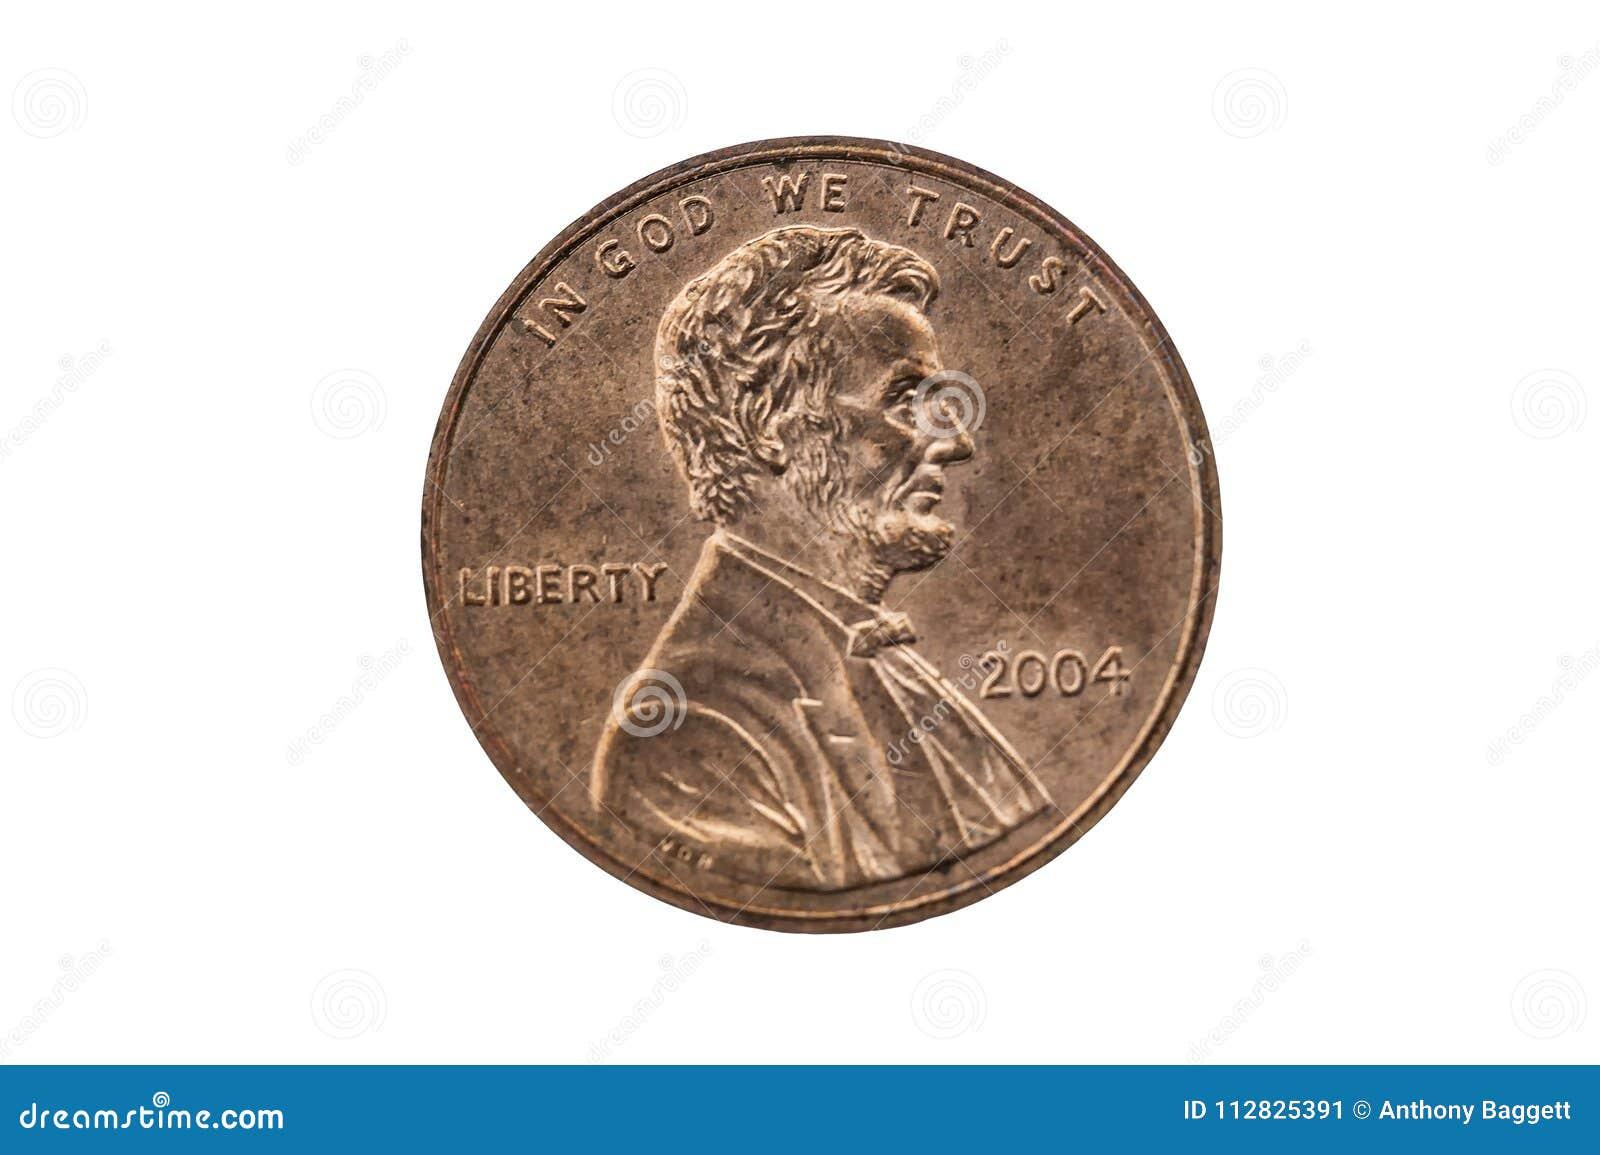 EUA uma moeda da moeda de um centavo do centavo com uma imagem do retrato de Abraham Lincoln